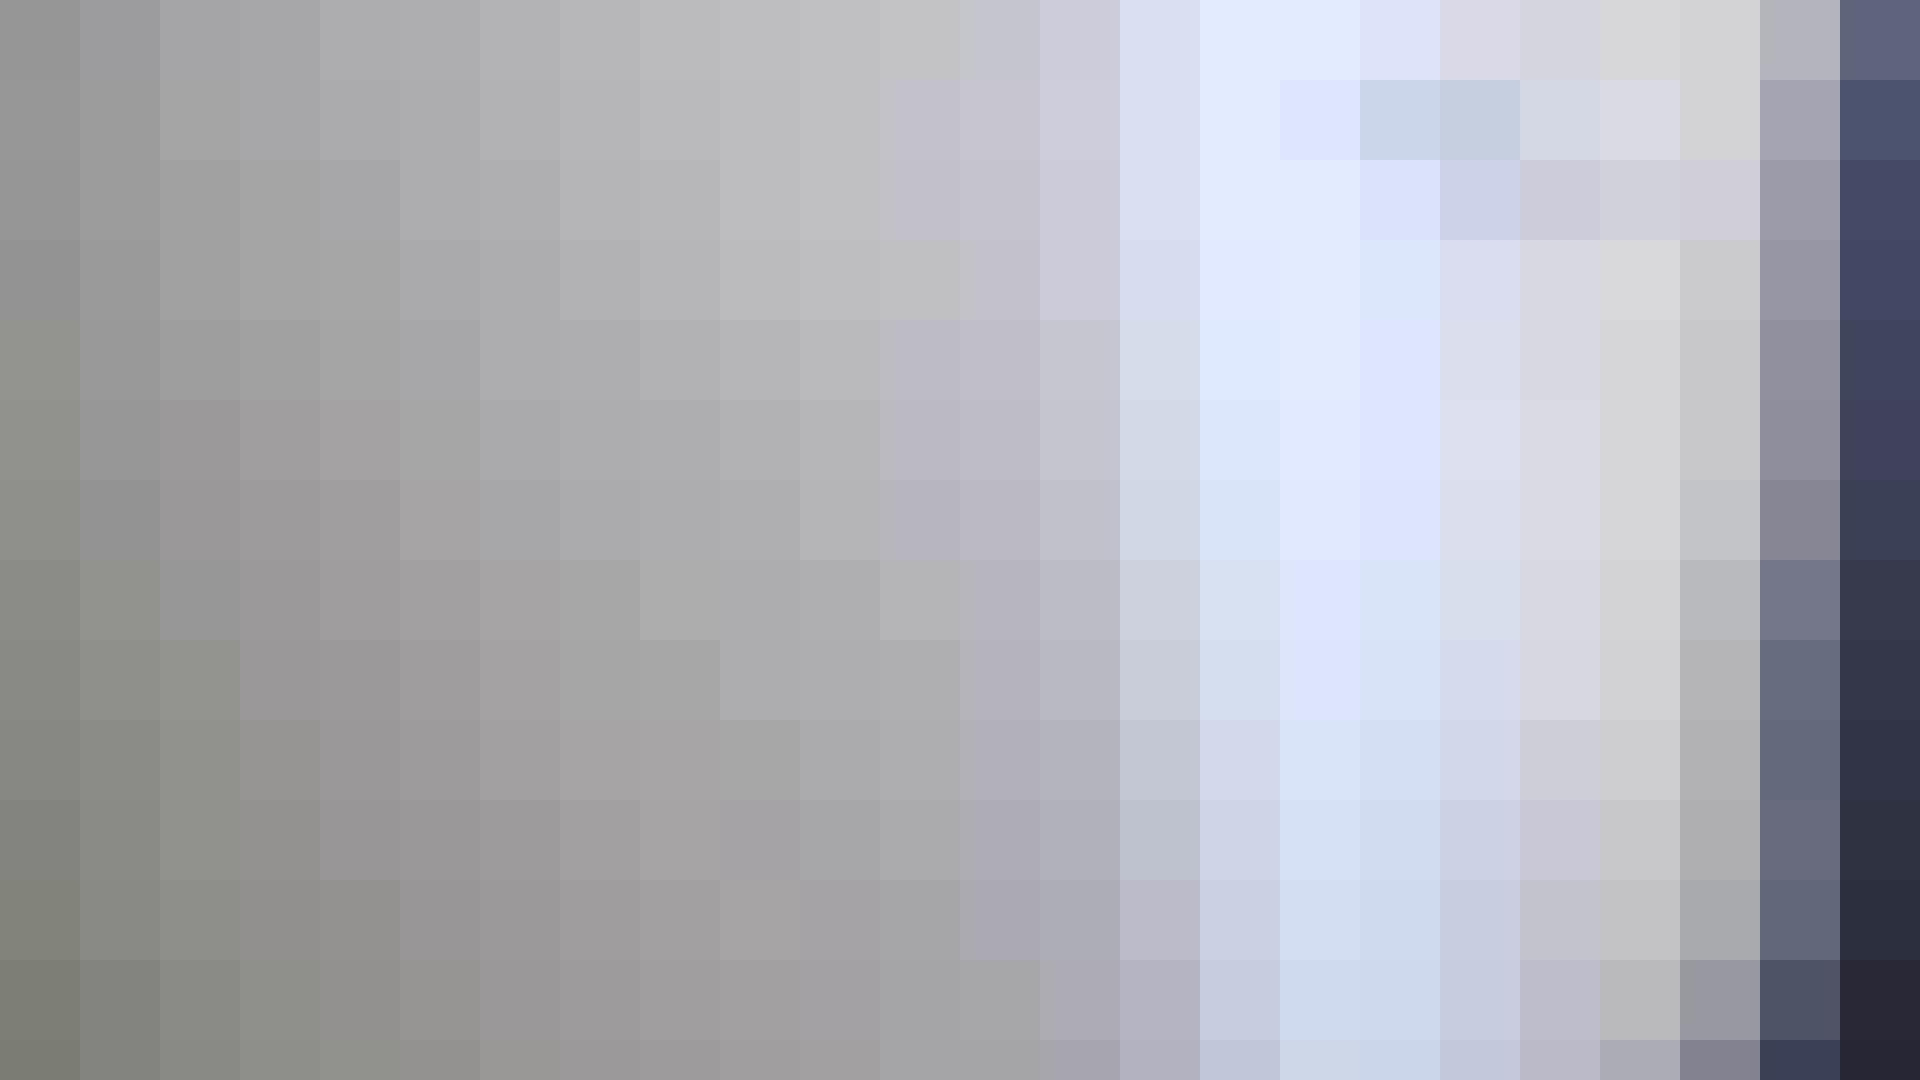 阿国ちゃんの「和式洋式七変化」No.18 iBO(フタコブ) ギャル達 | お姉さんのSEX  105枚 97